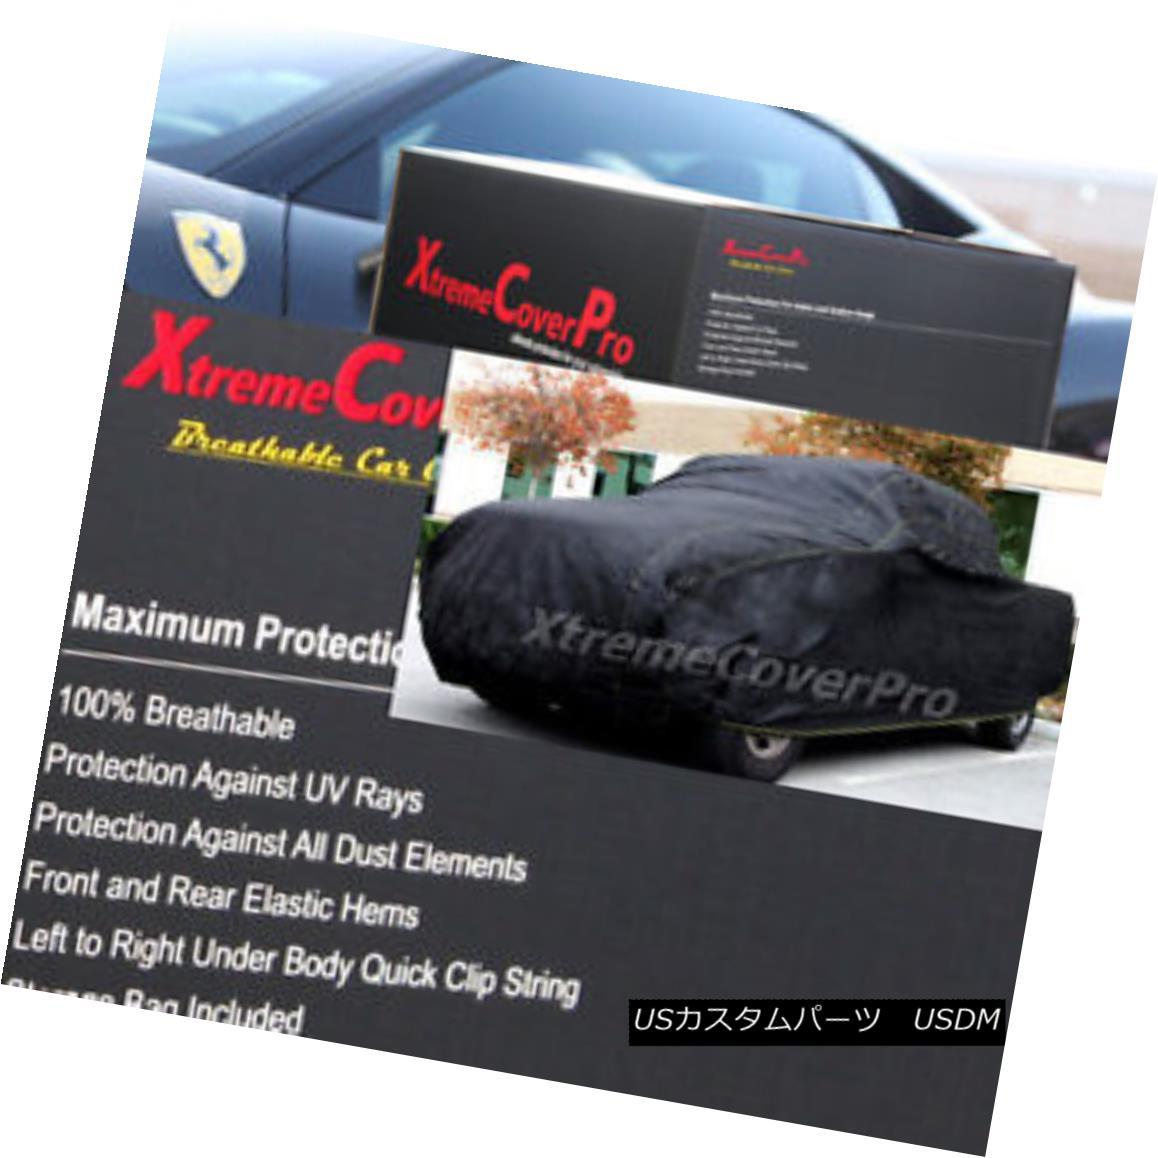 カーカバー 2007 2008 Ford F-150 SuperCrew 5.5ft Short Bed Breathable Truck Cover 2007年のフォードF-150のSuperCrewの5.5フィートの短いベッド通気性のあるトラックカバー